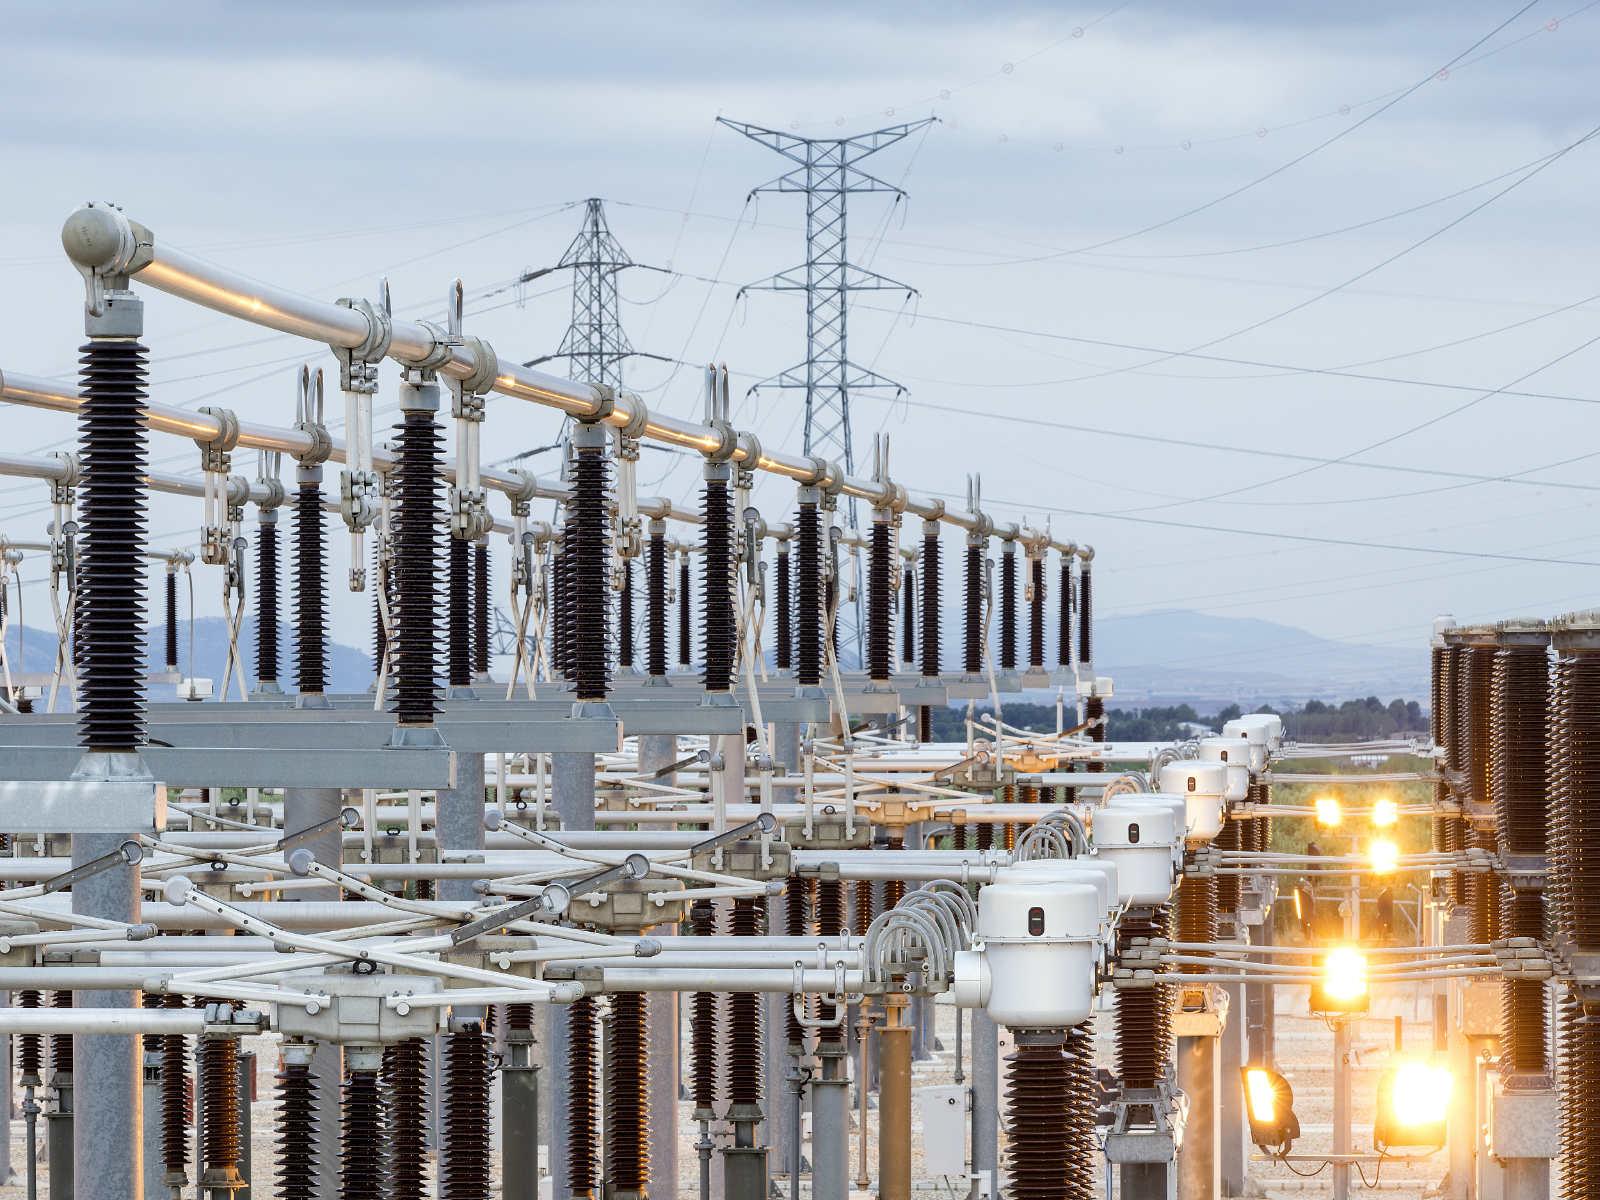 國家電網:再電氣化加快全球能源清潔轉型